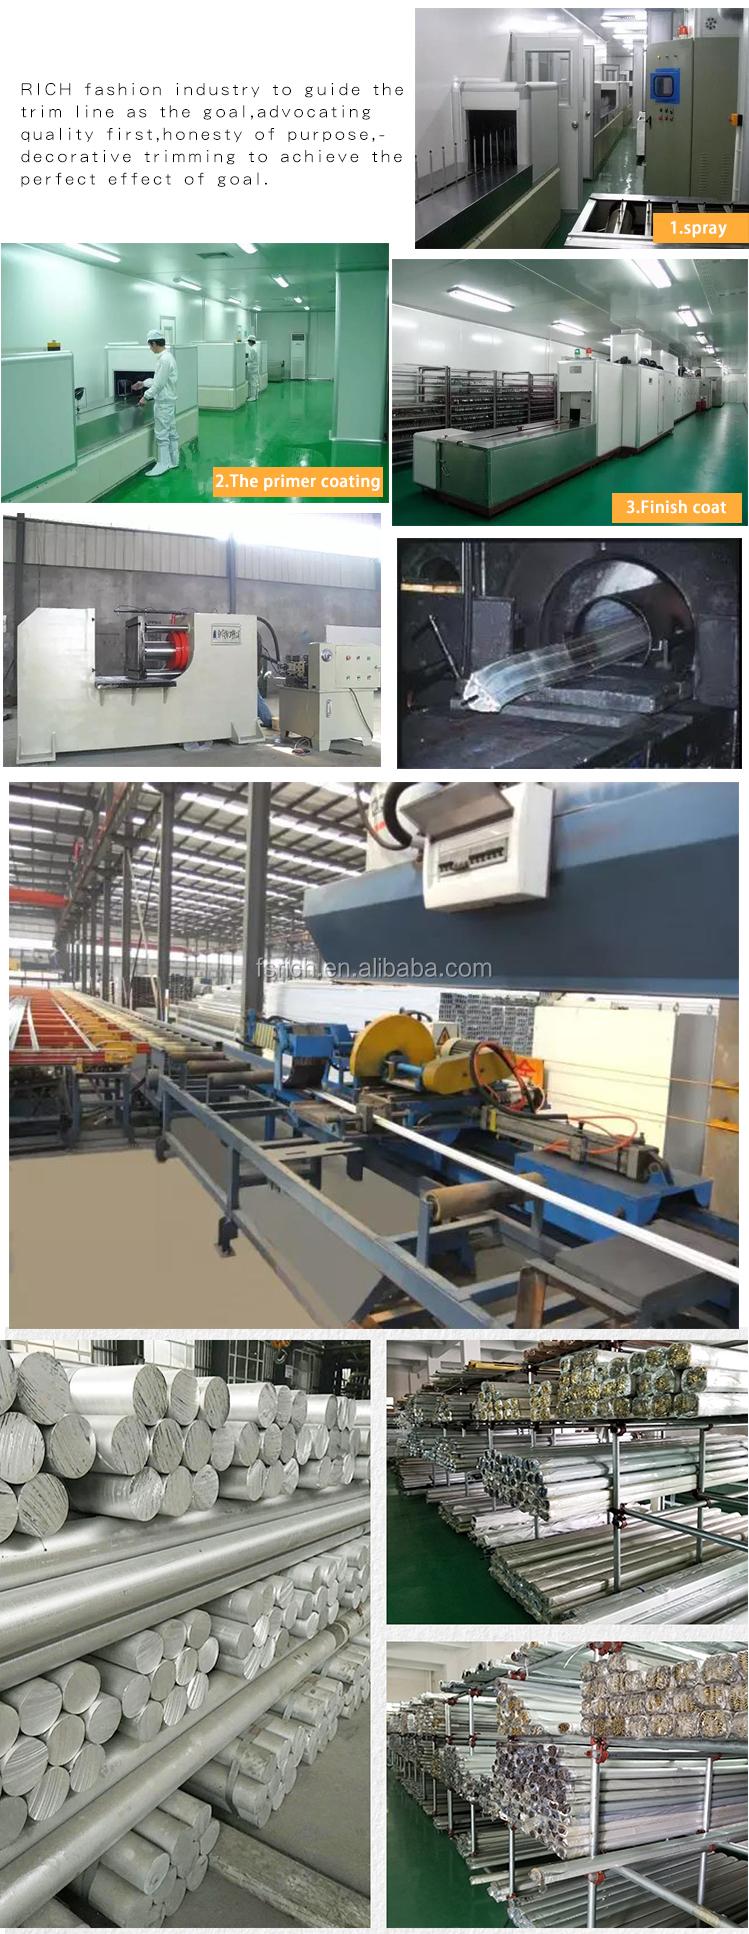 מפעל סיטונאי כל גודל בצבע מתכת אלומיניום תמונה/מסגרות תמונה